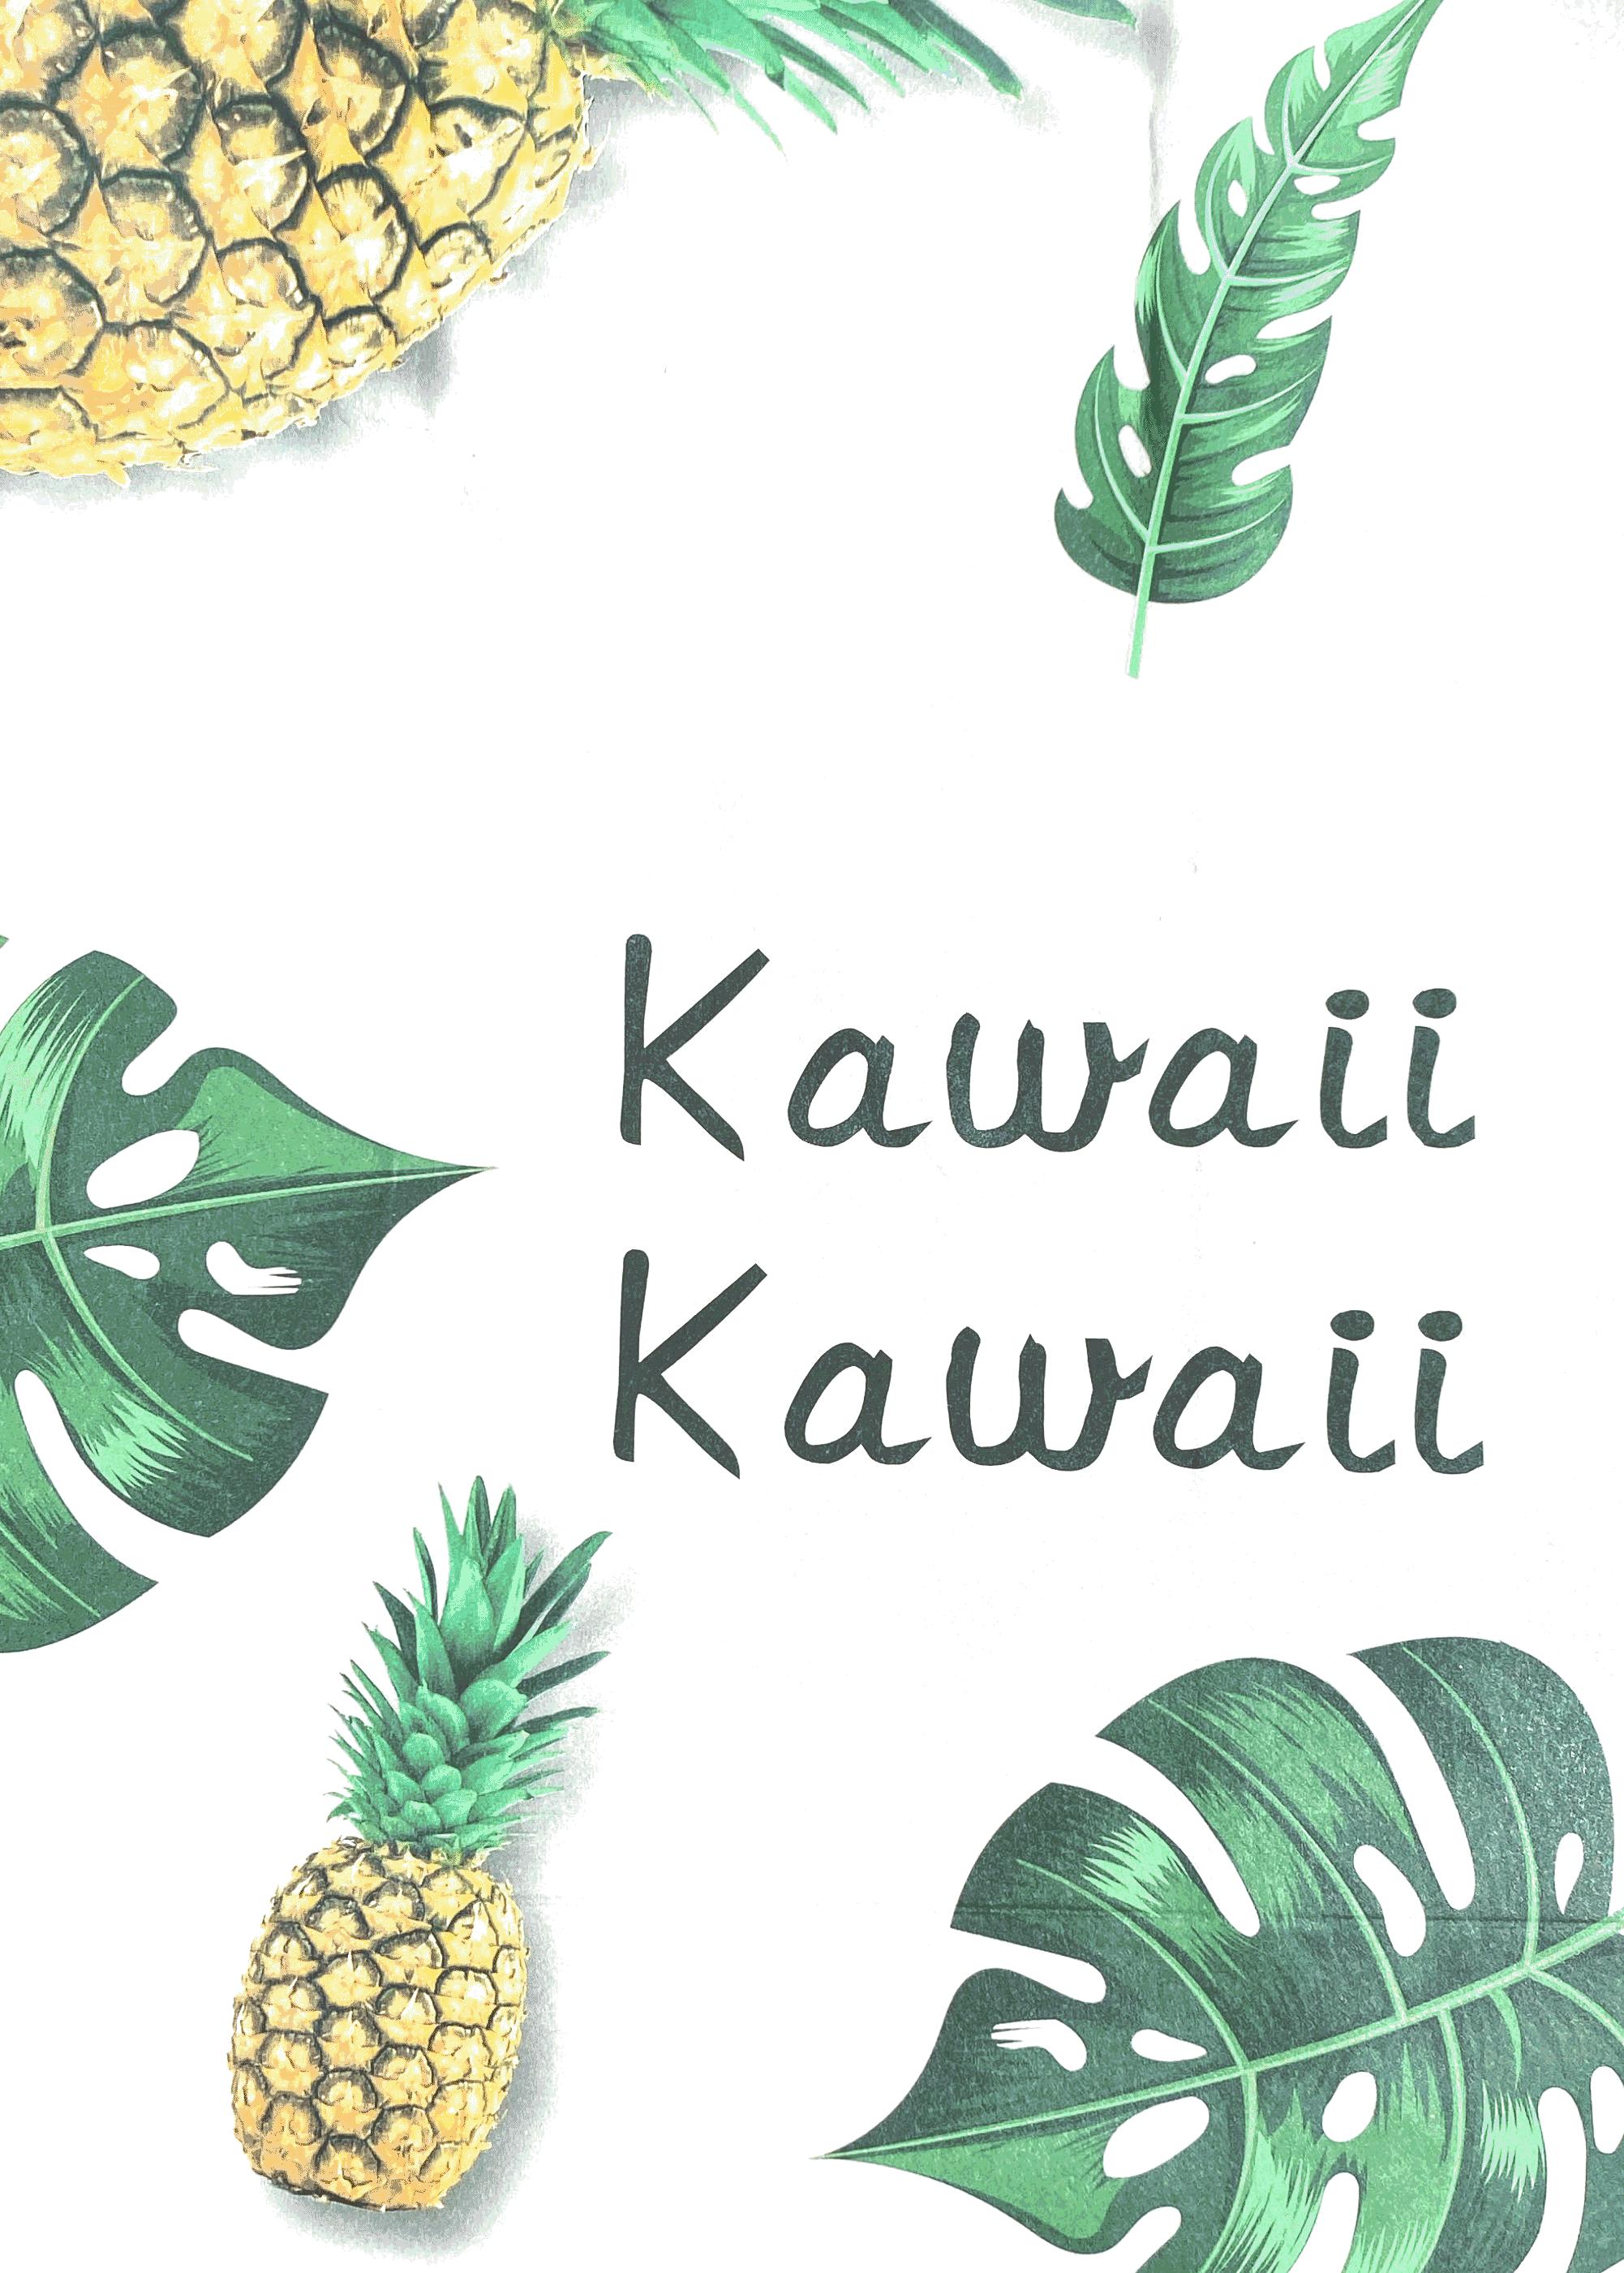 Kawaii Kawaii Logo